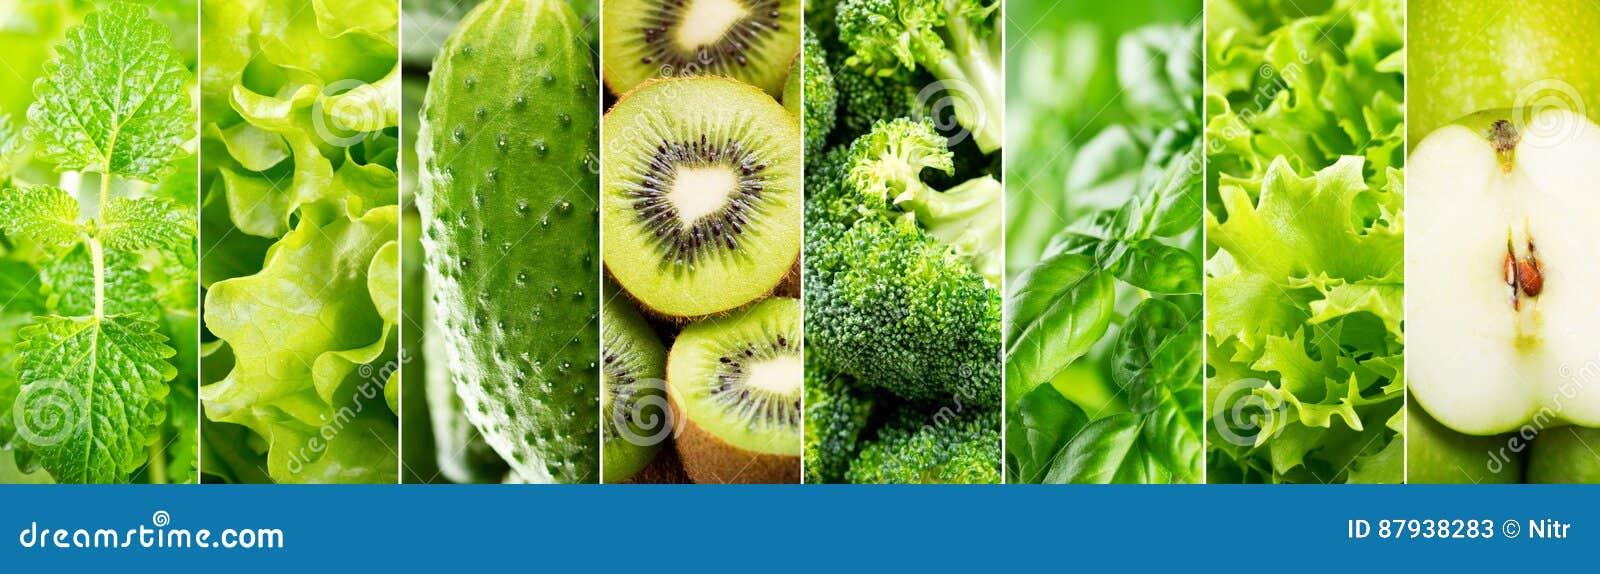 Kolaż różnorodny zielony jedzenie